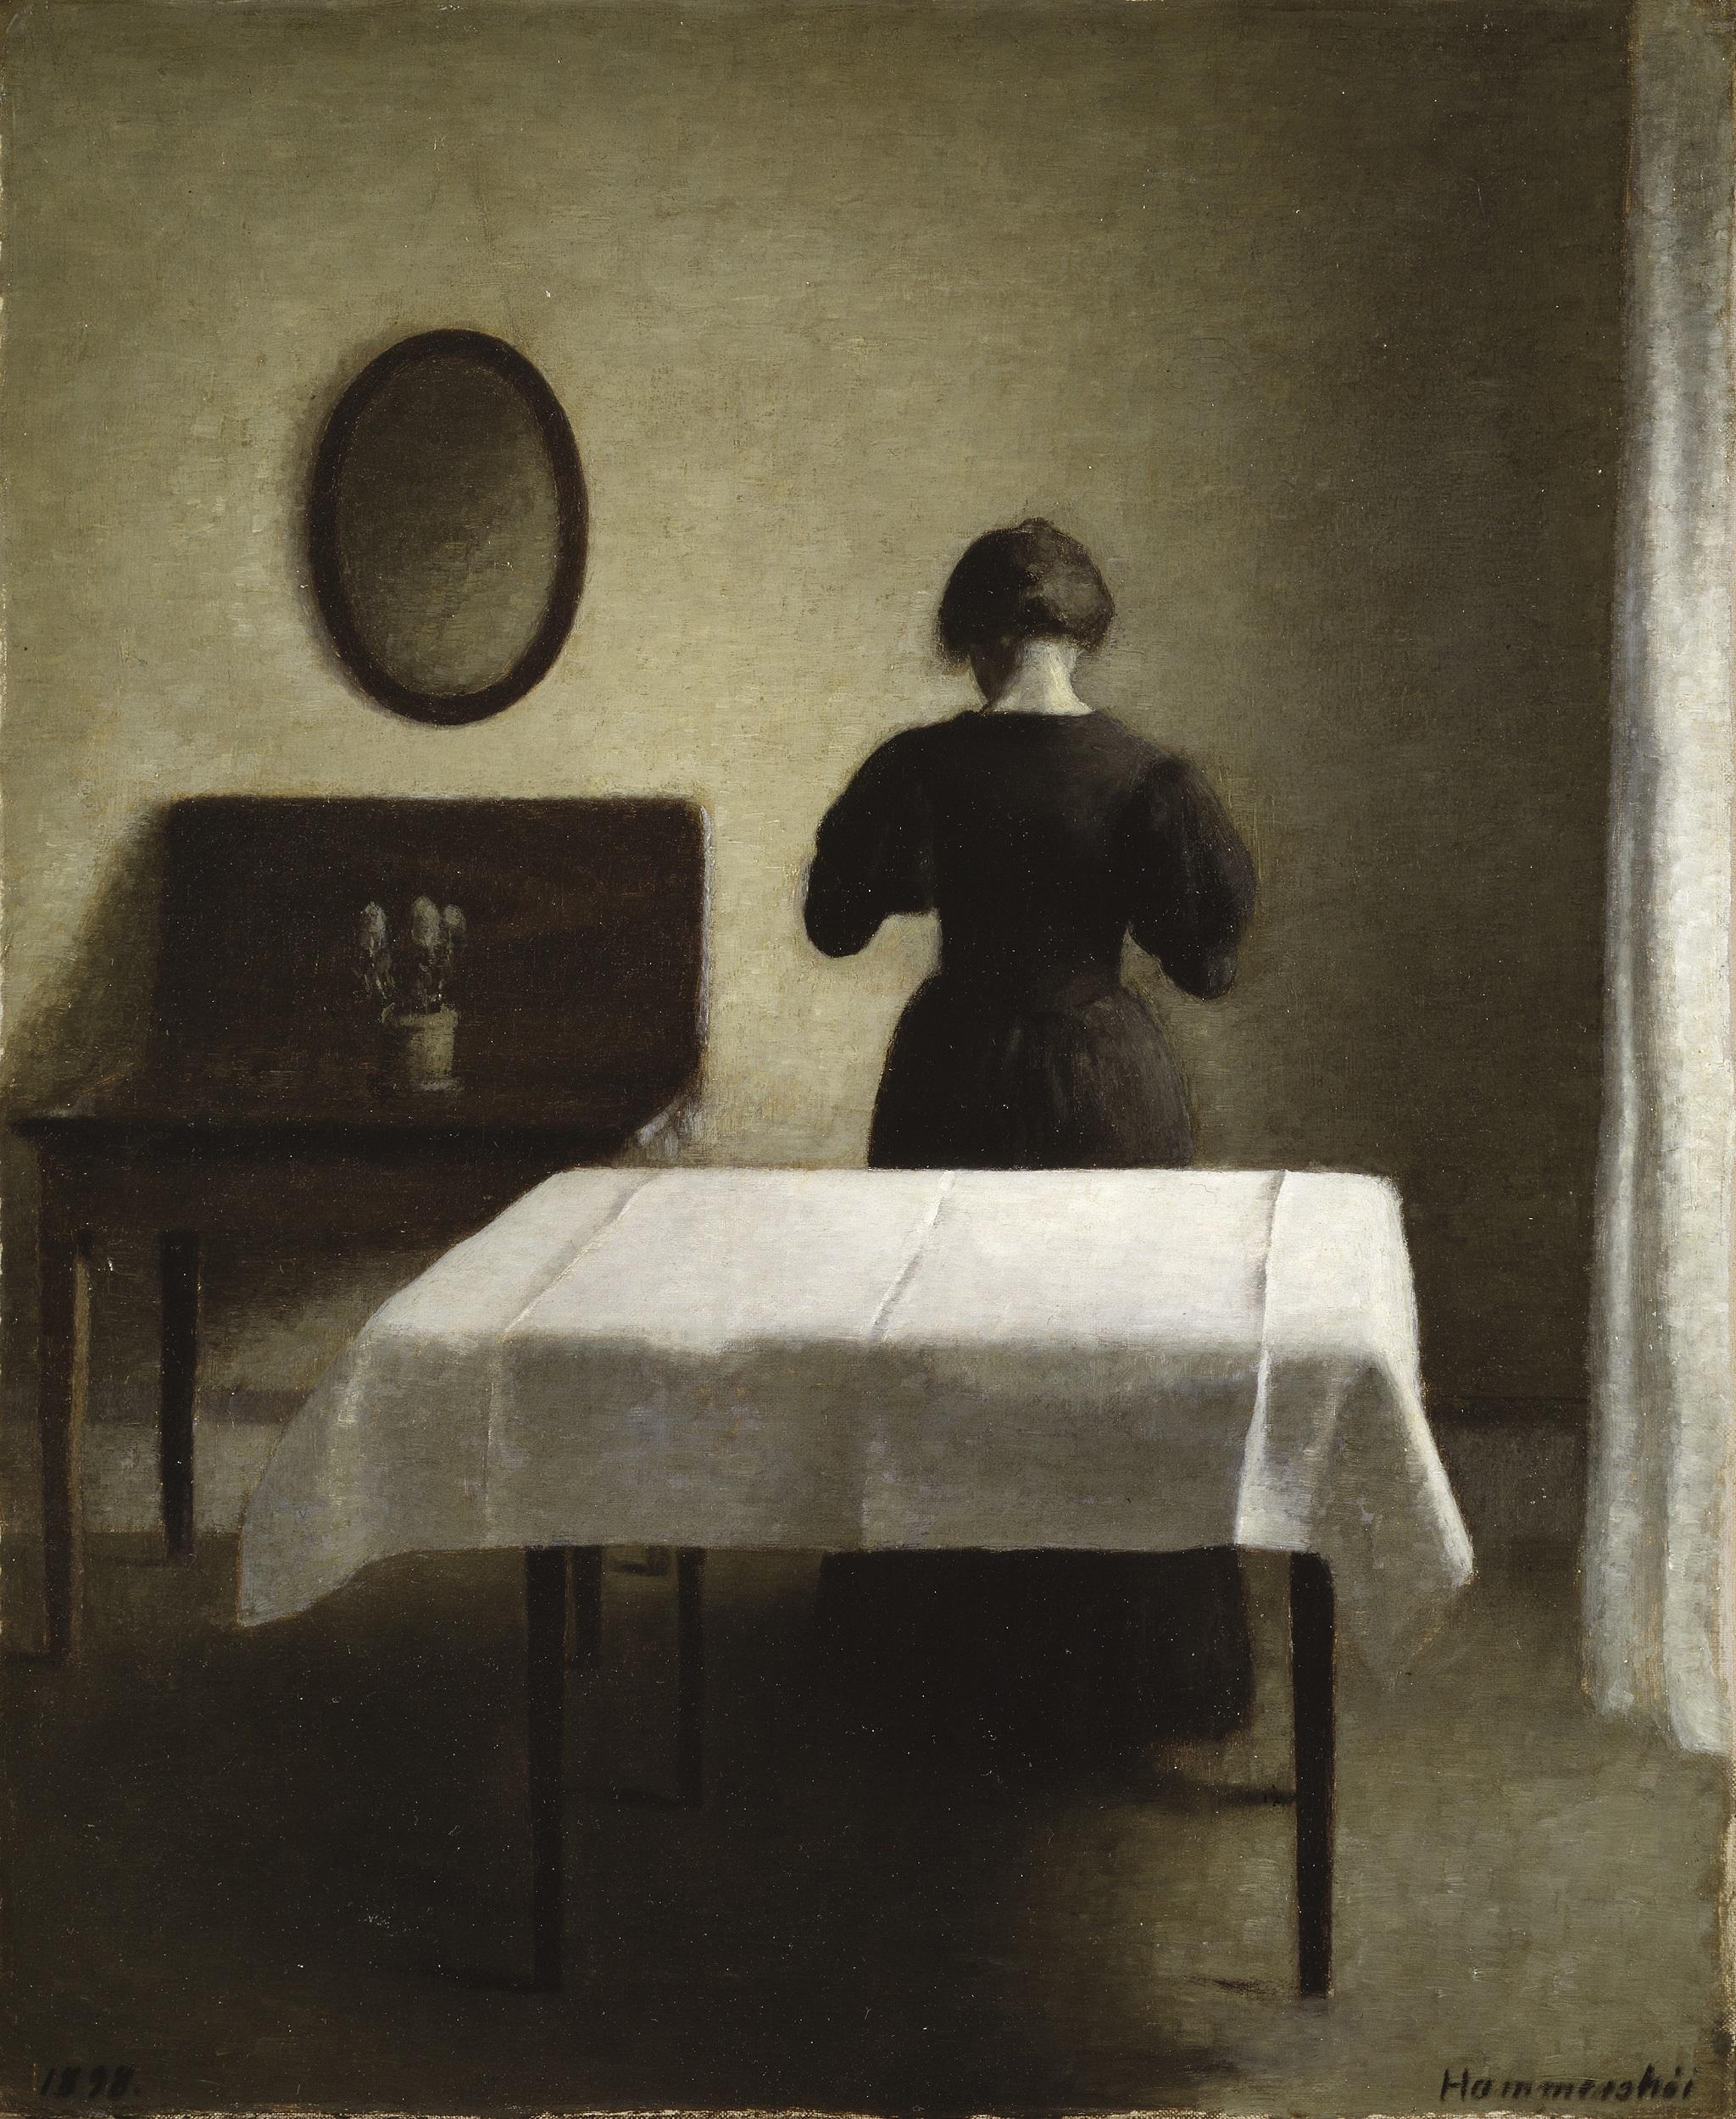 ヴィルヘルム・ハマスホイ 《室内》 1898年 スウェーデン国立美術館蔵 Nationalmuseum, Stockholm / Photo: Nationalmuseum